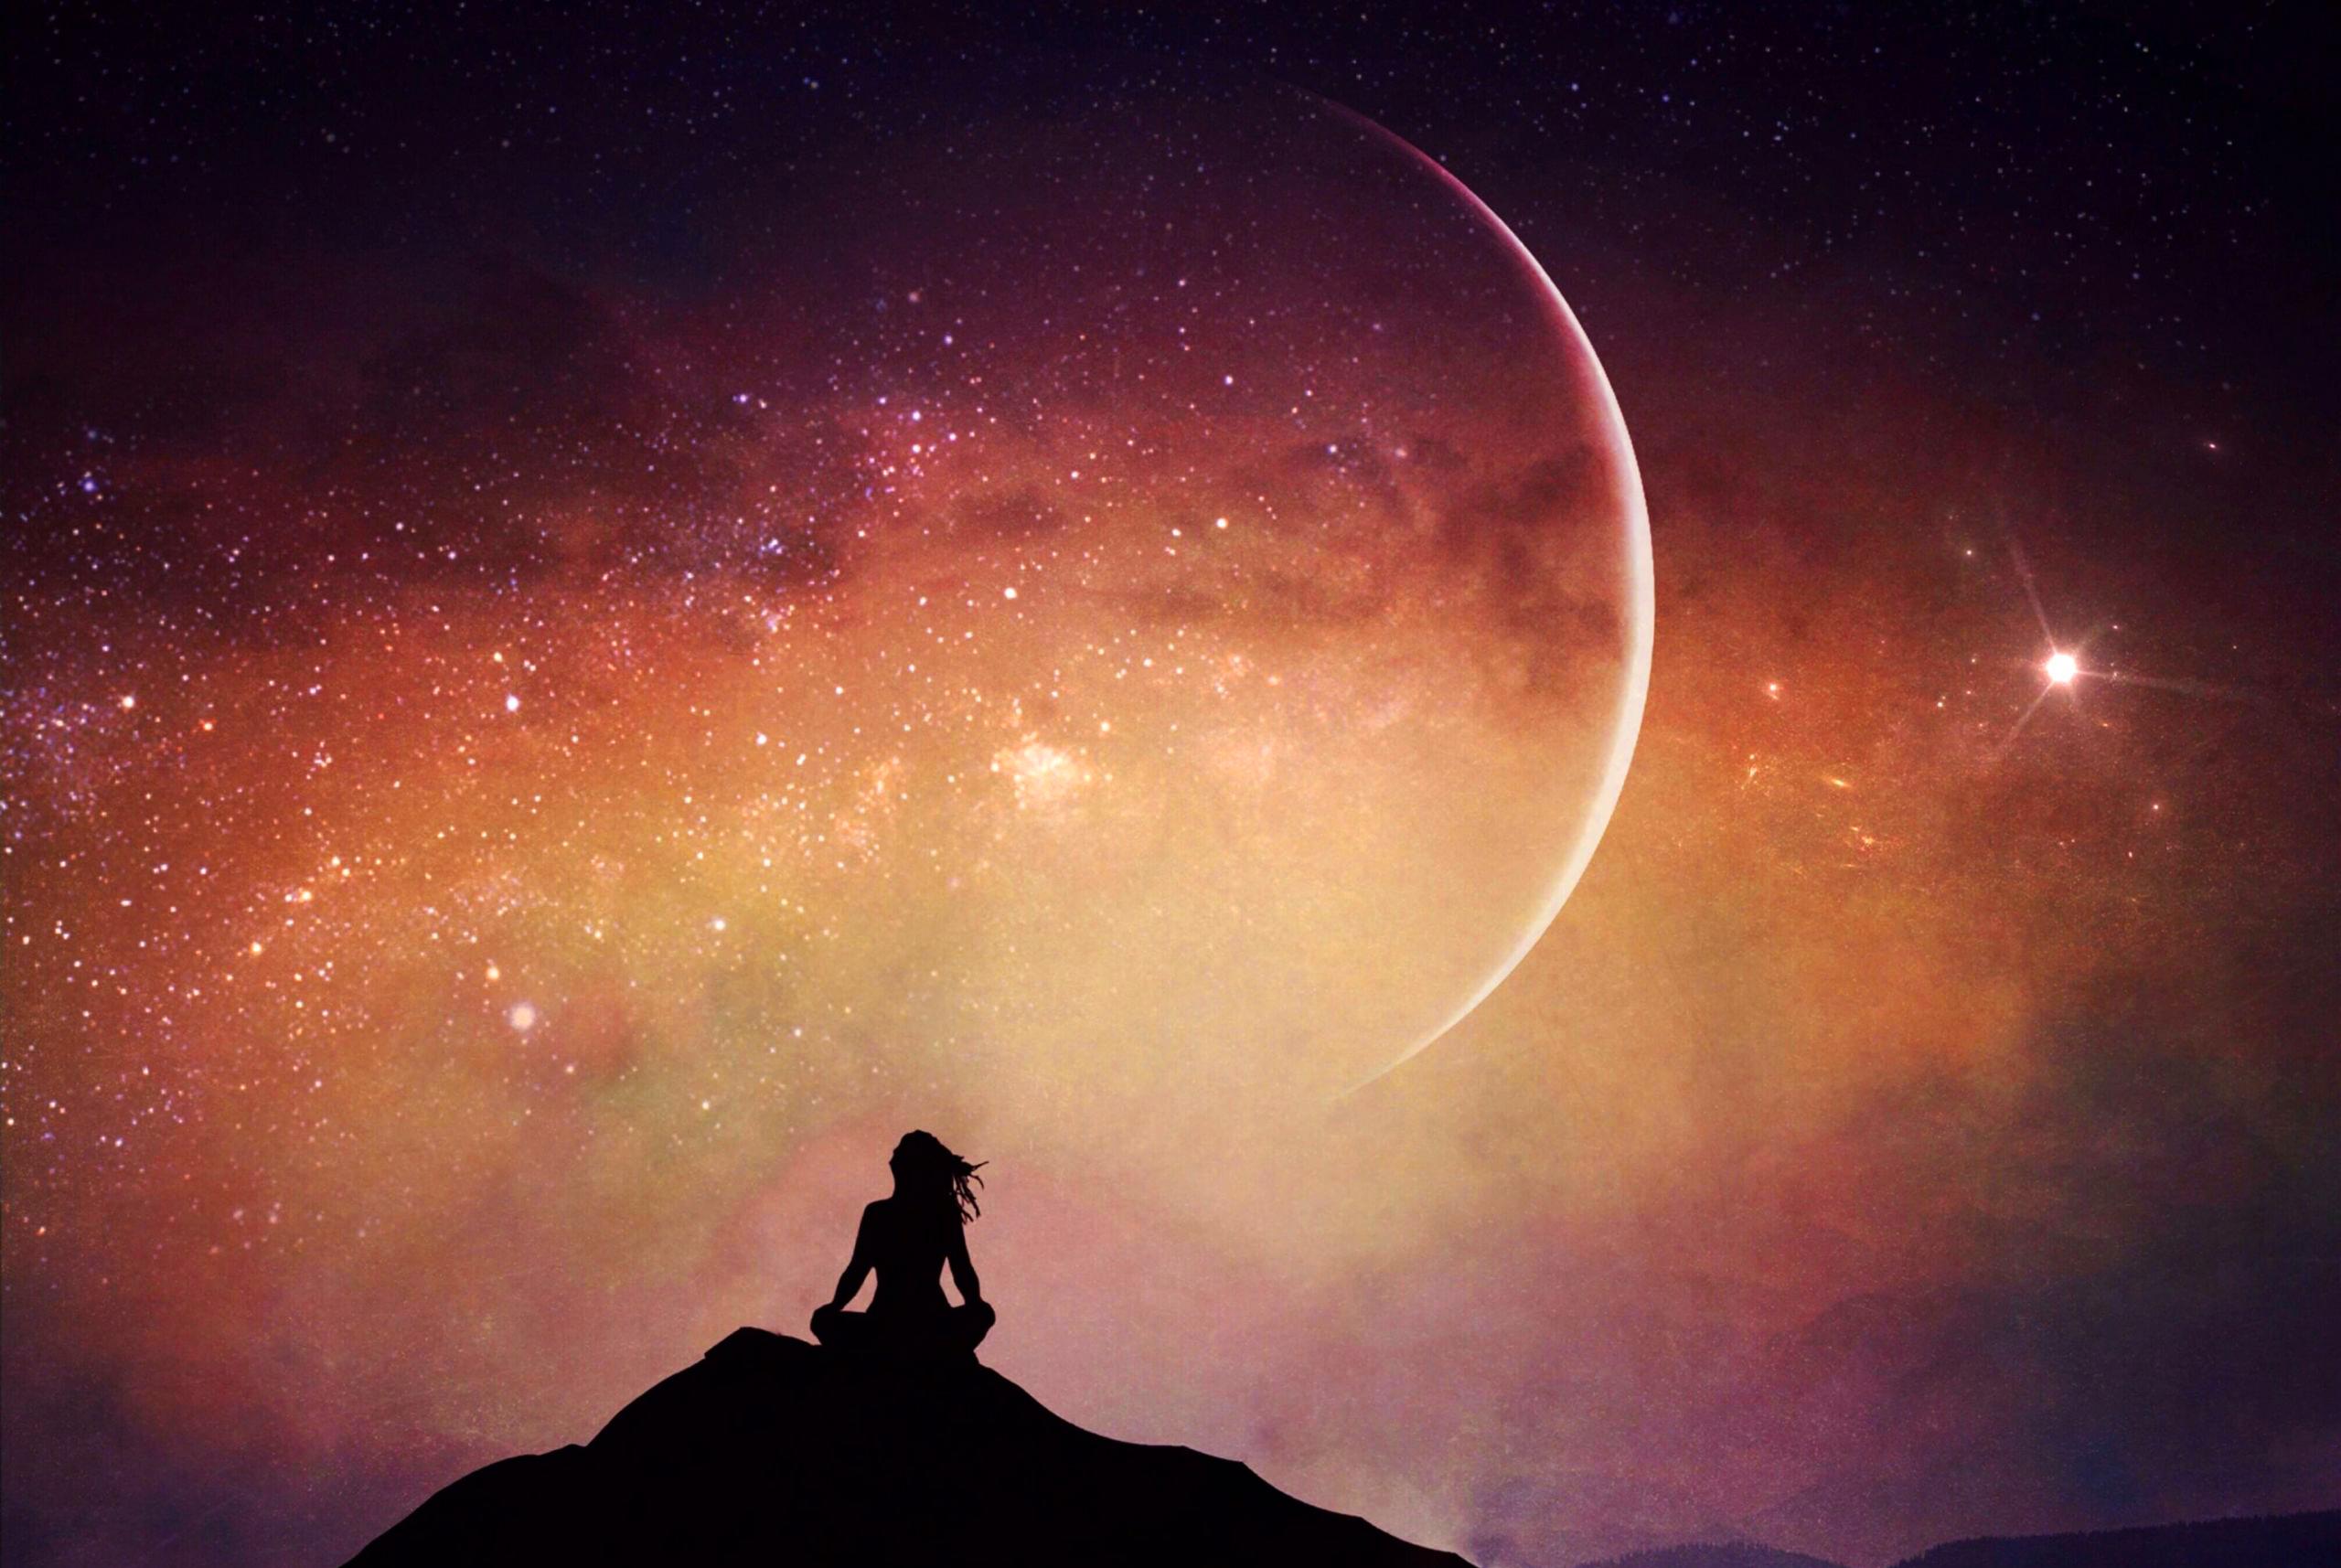 Новолуние в январе 2021 принесет разочарования знакам зодиака